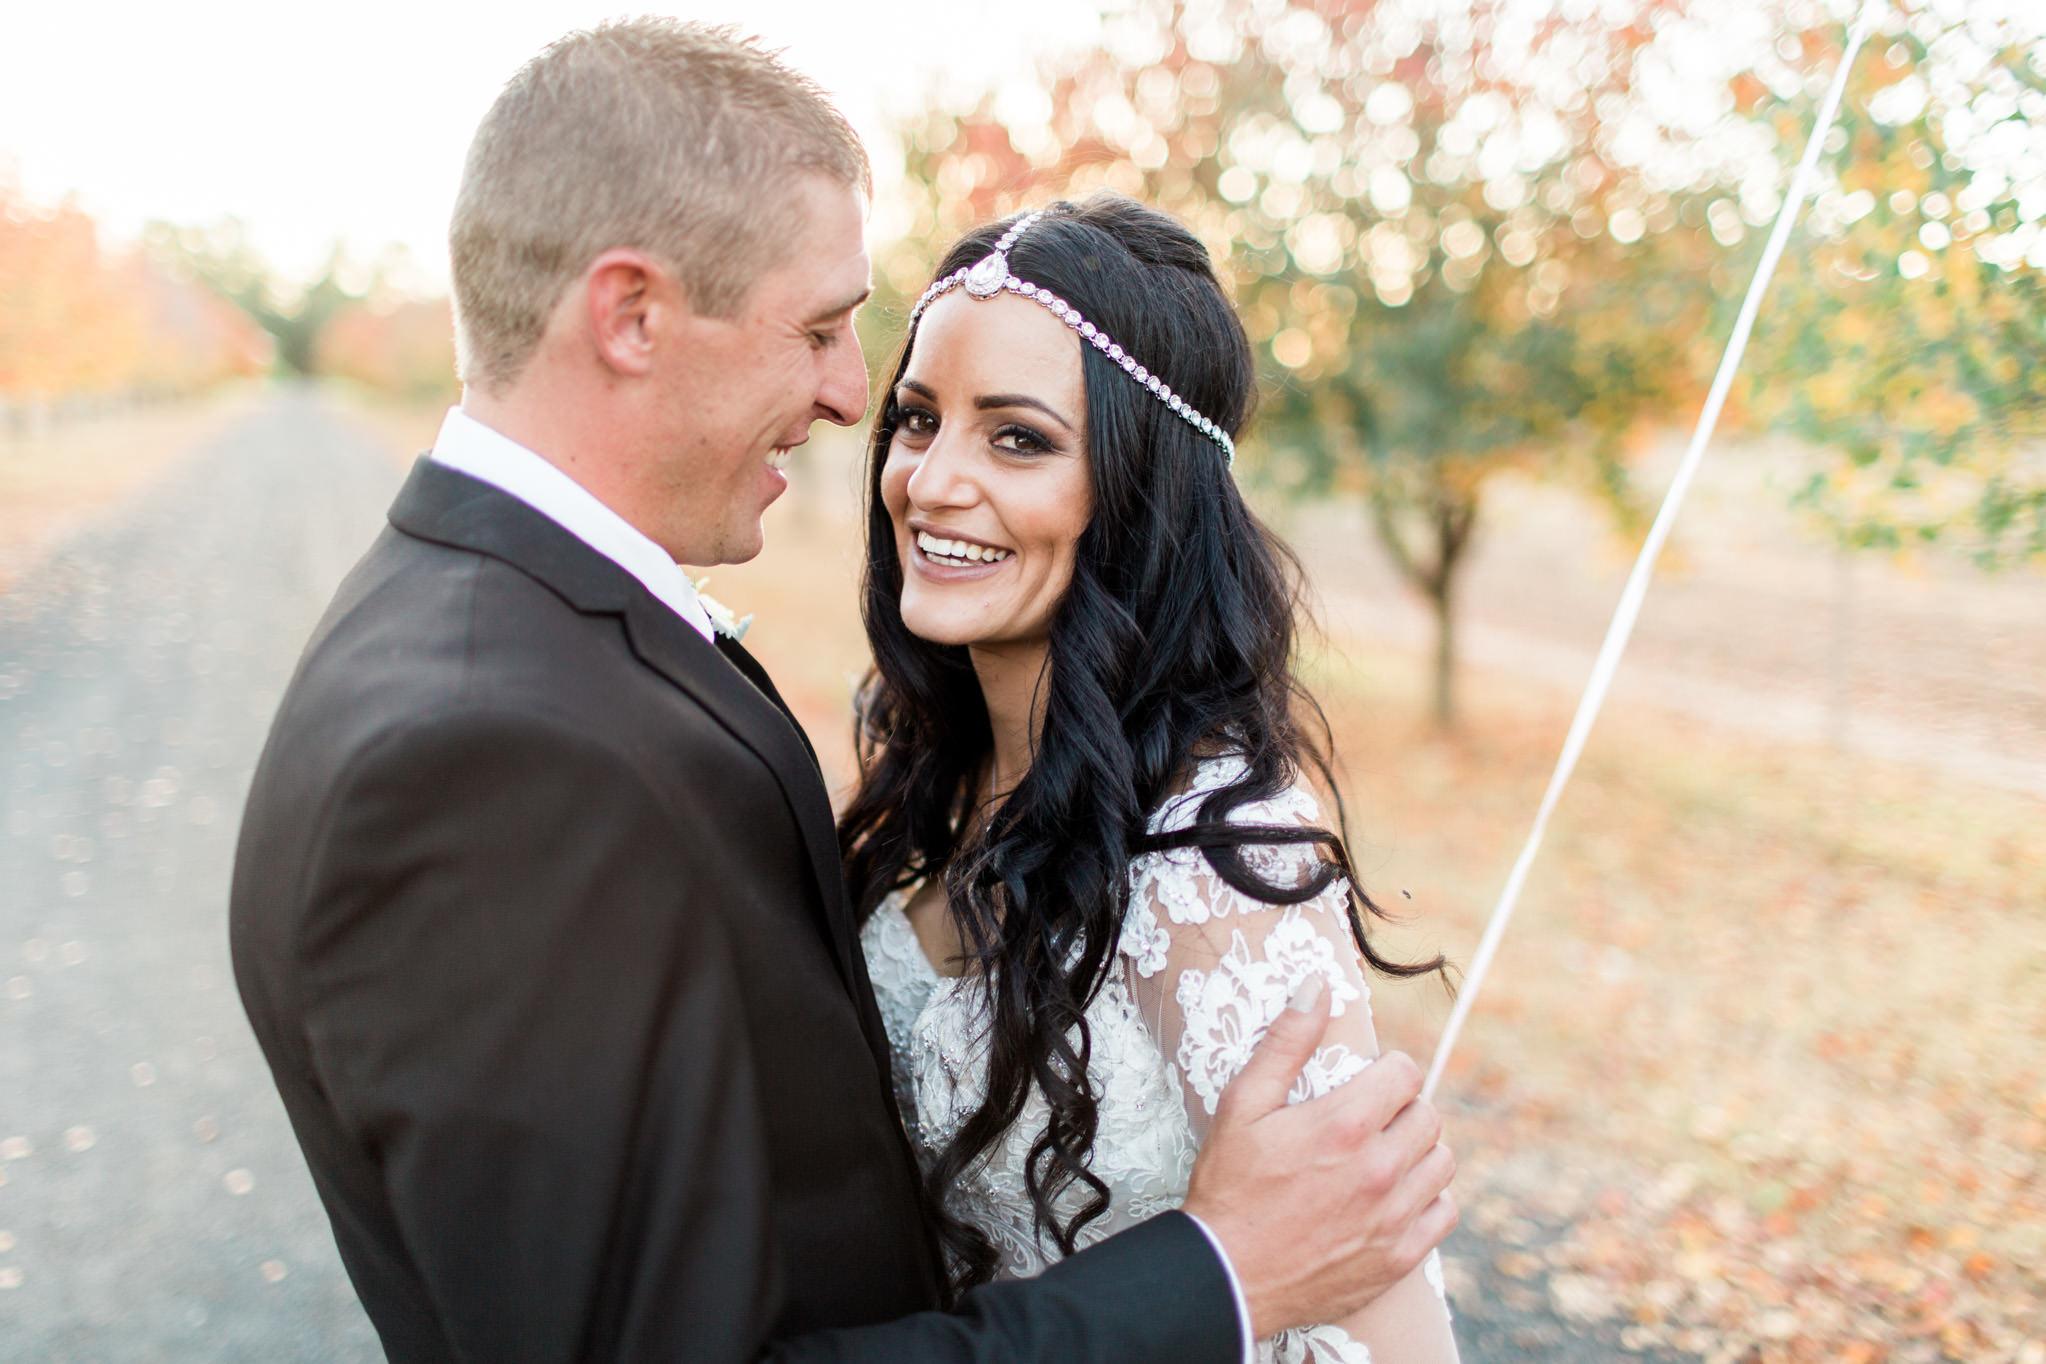 WeddingPhotos_Facebook_2046pixels-1569.jpg